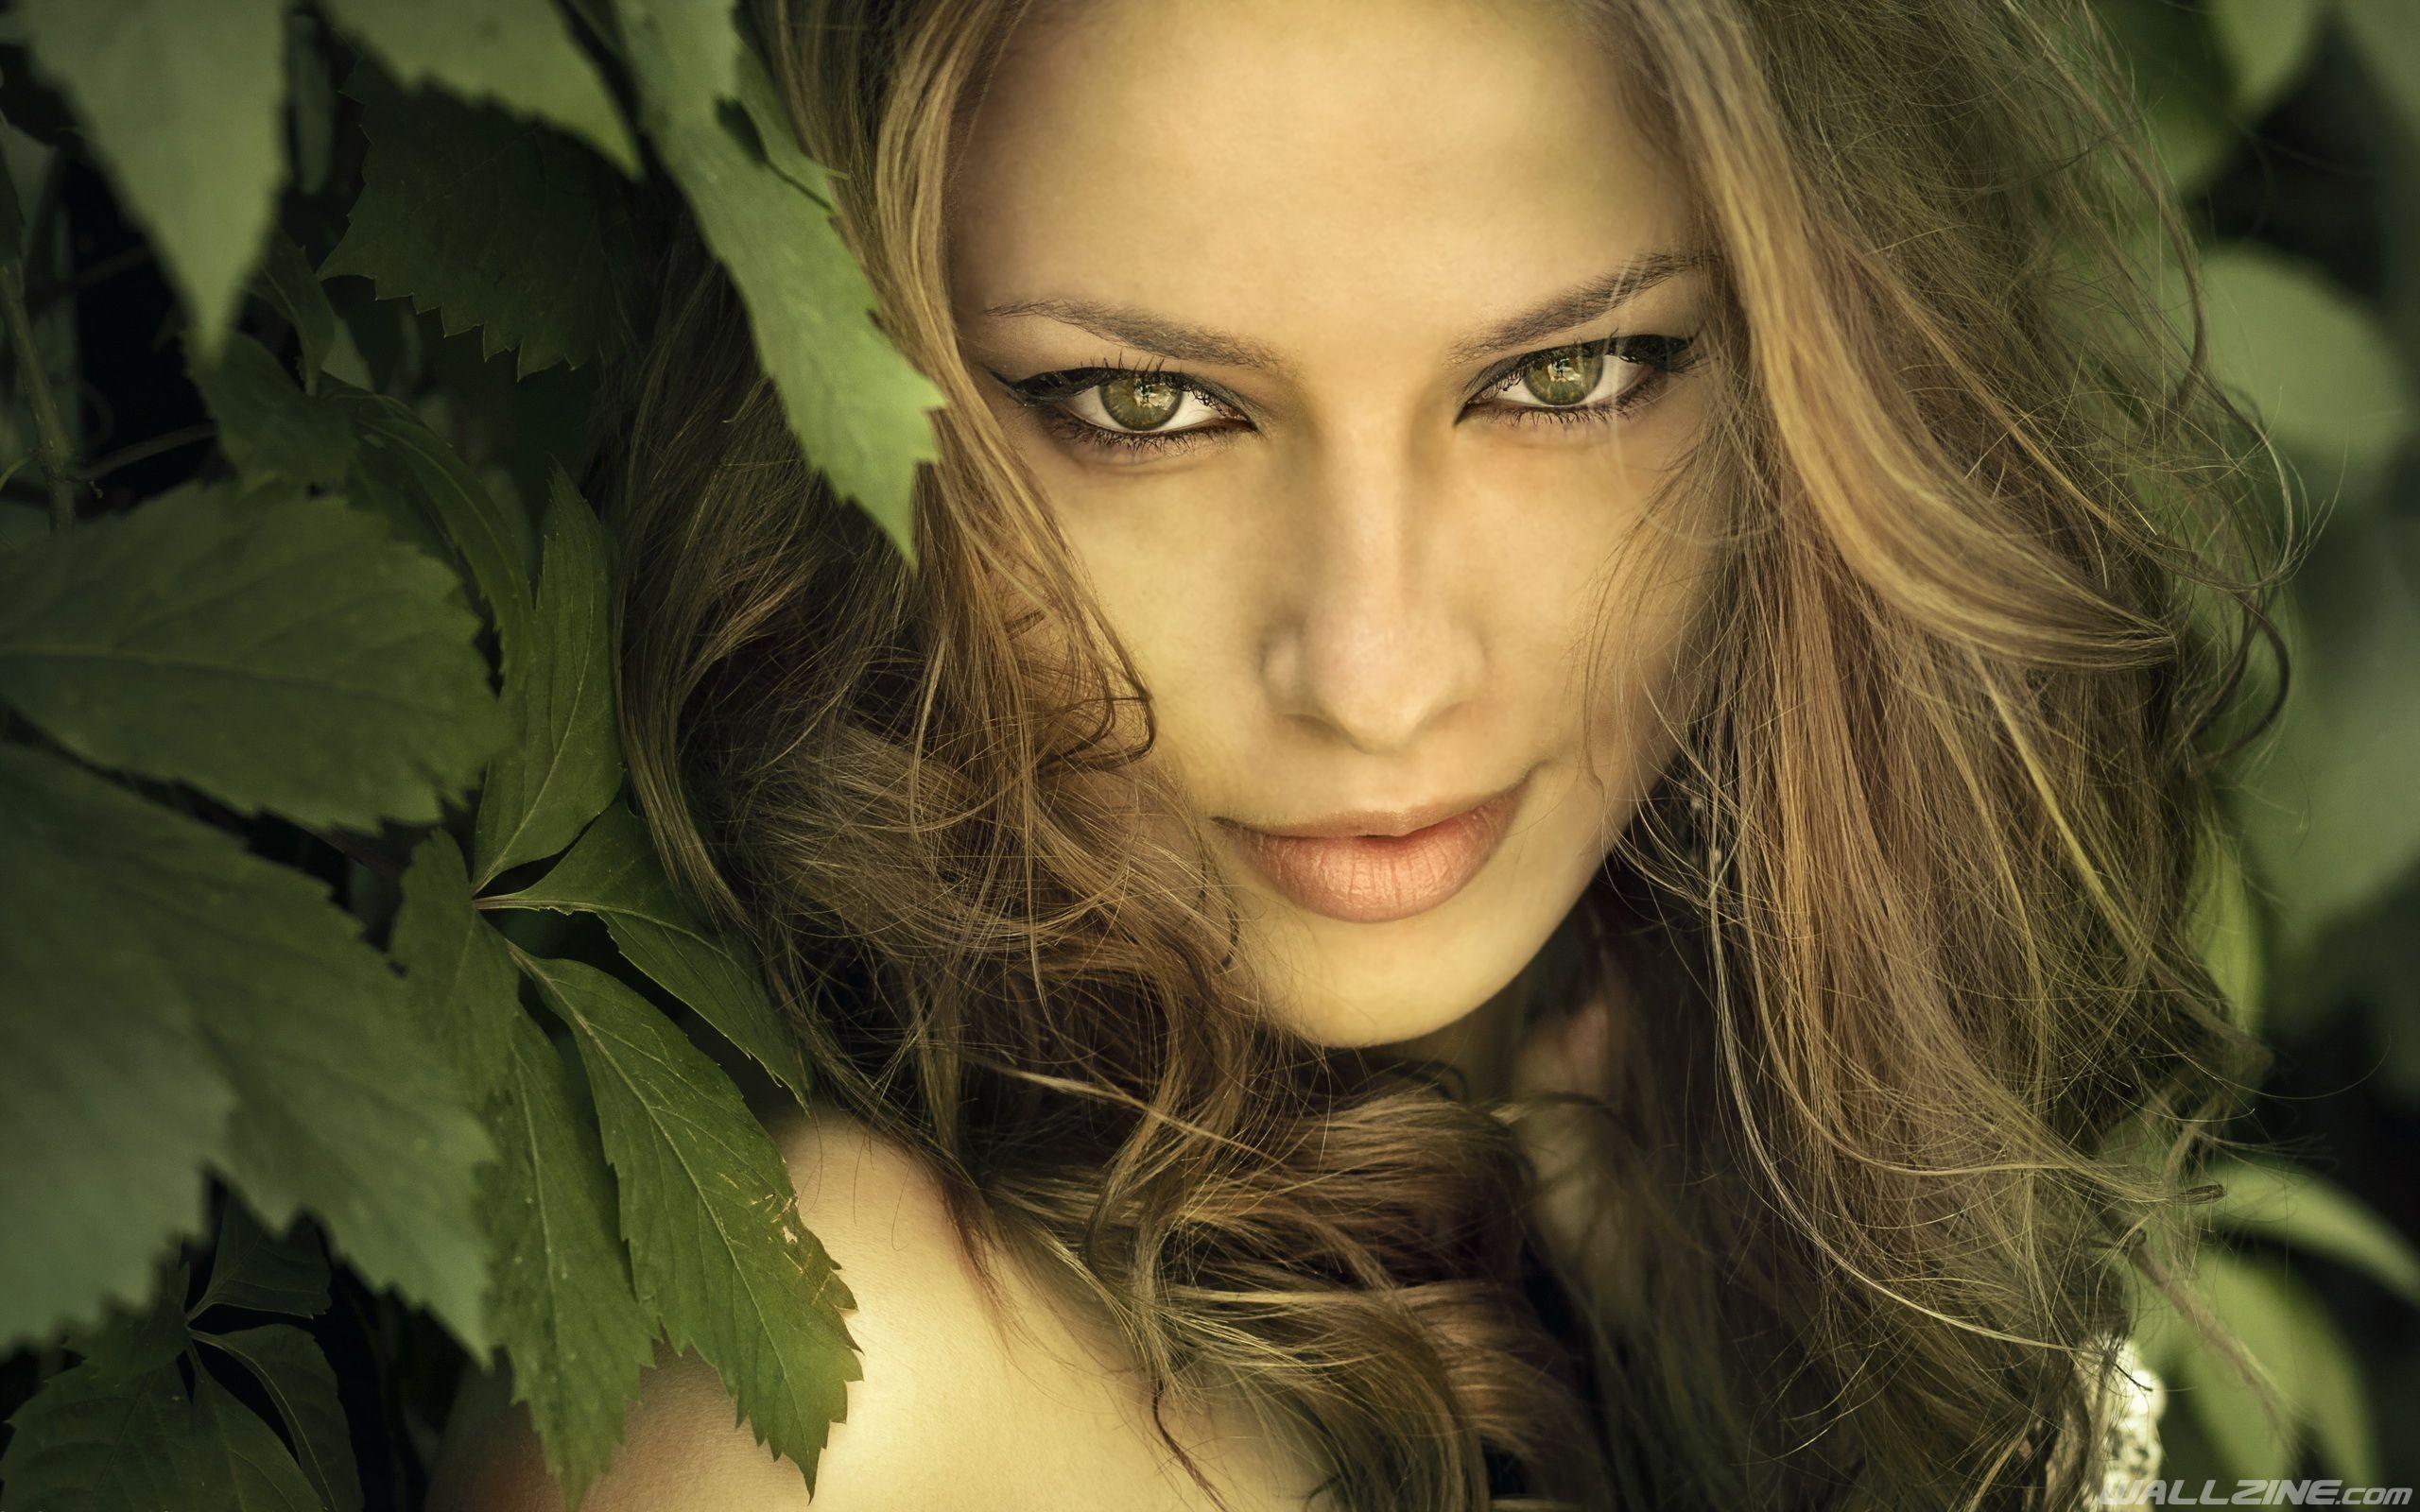 Brunette Girl Green Eyes Brunette Girl Pretty Face Brunette